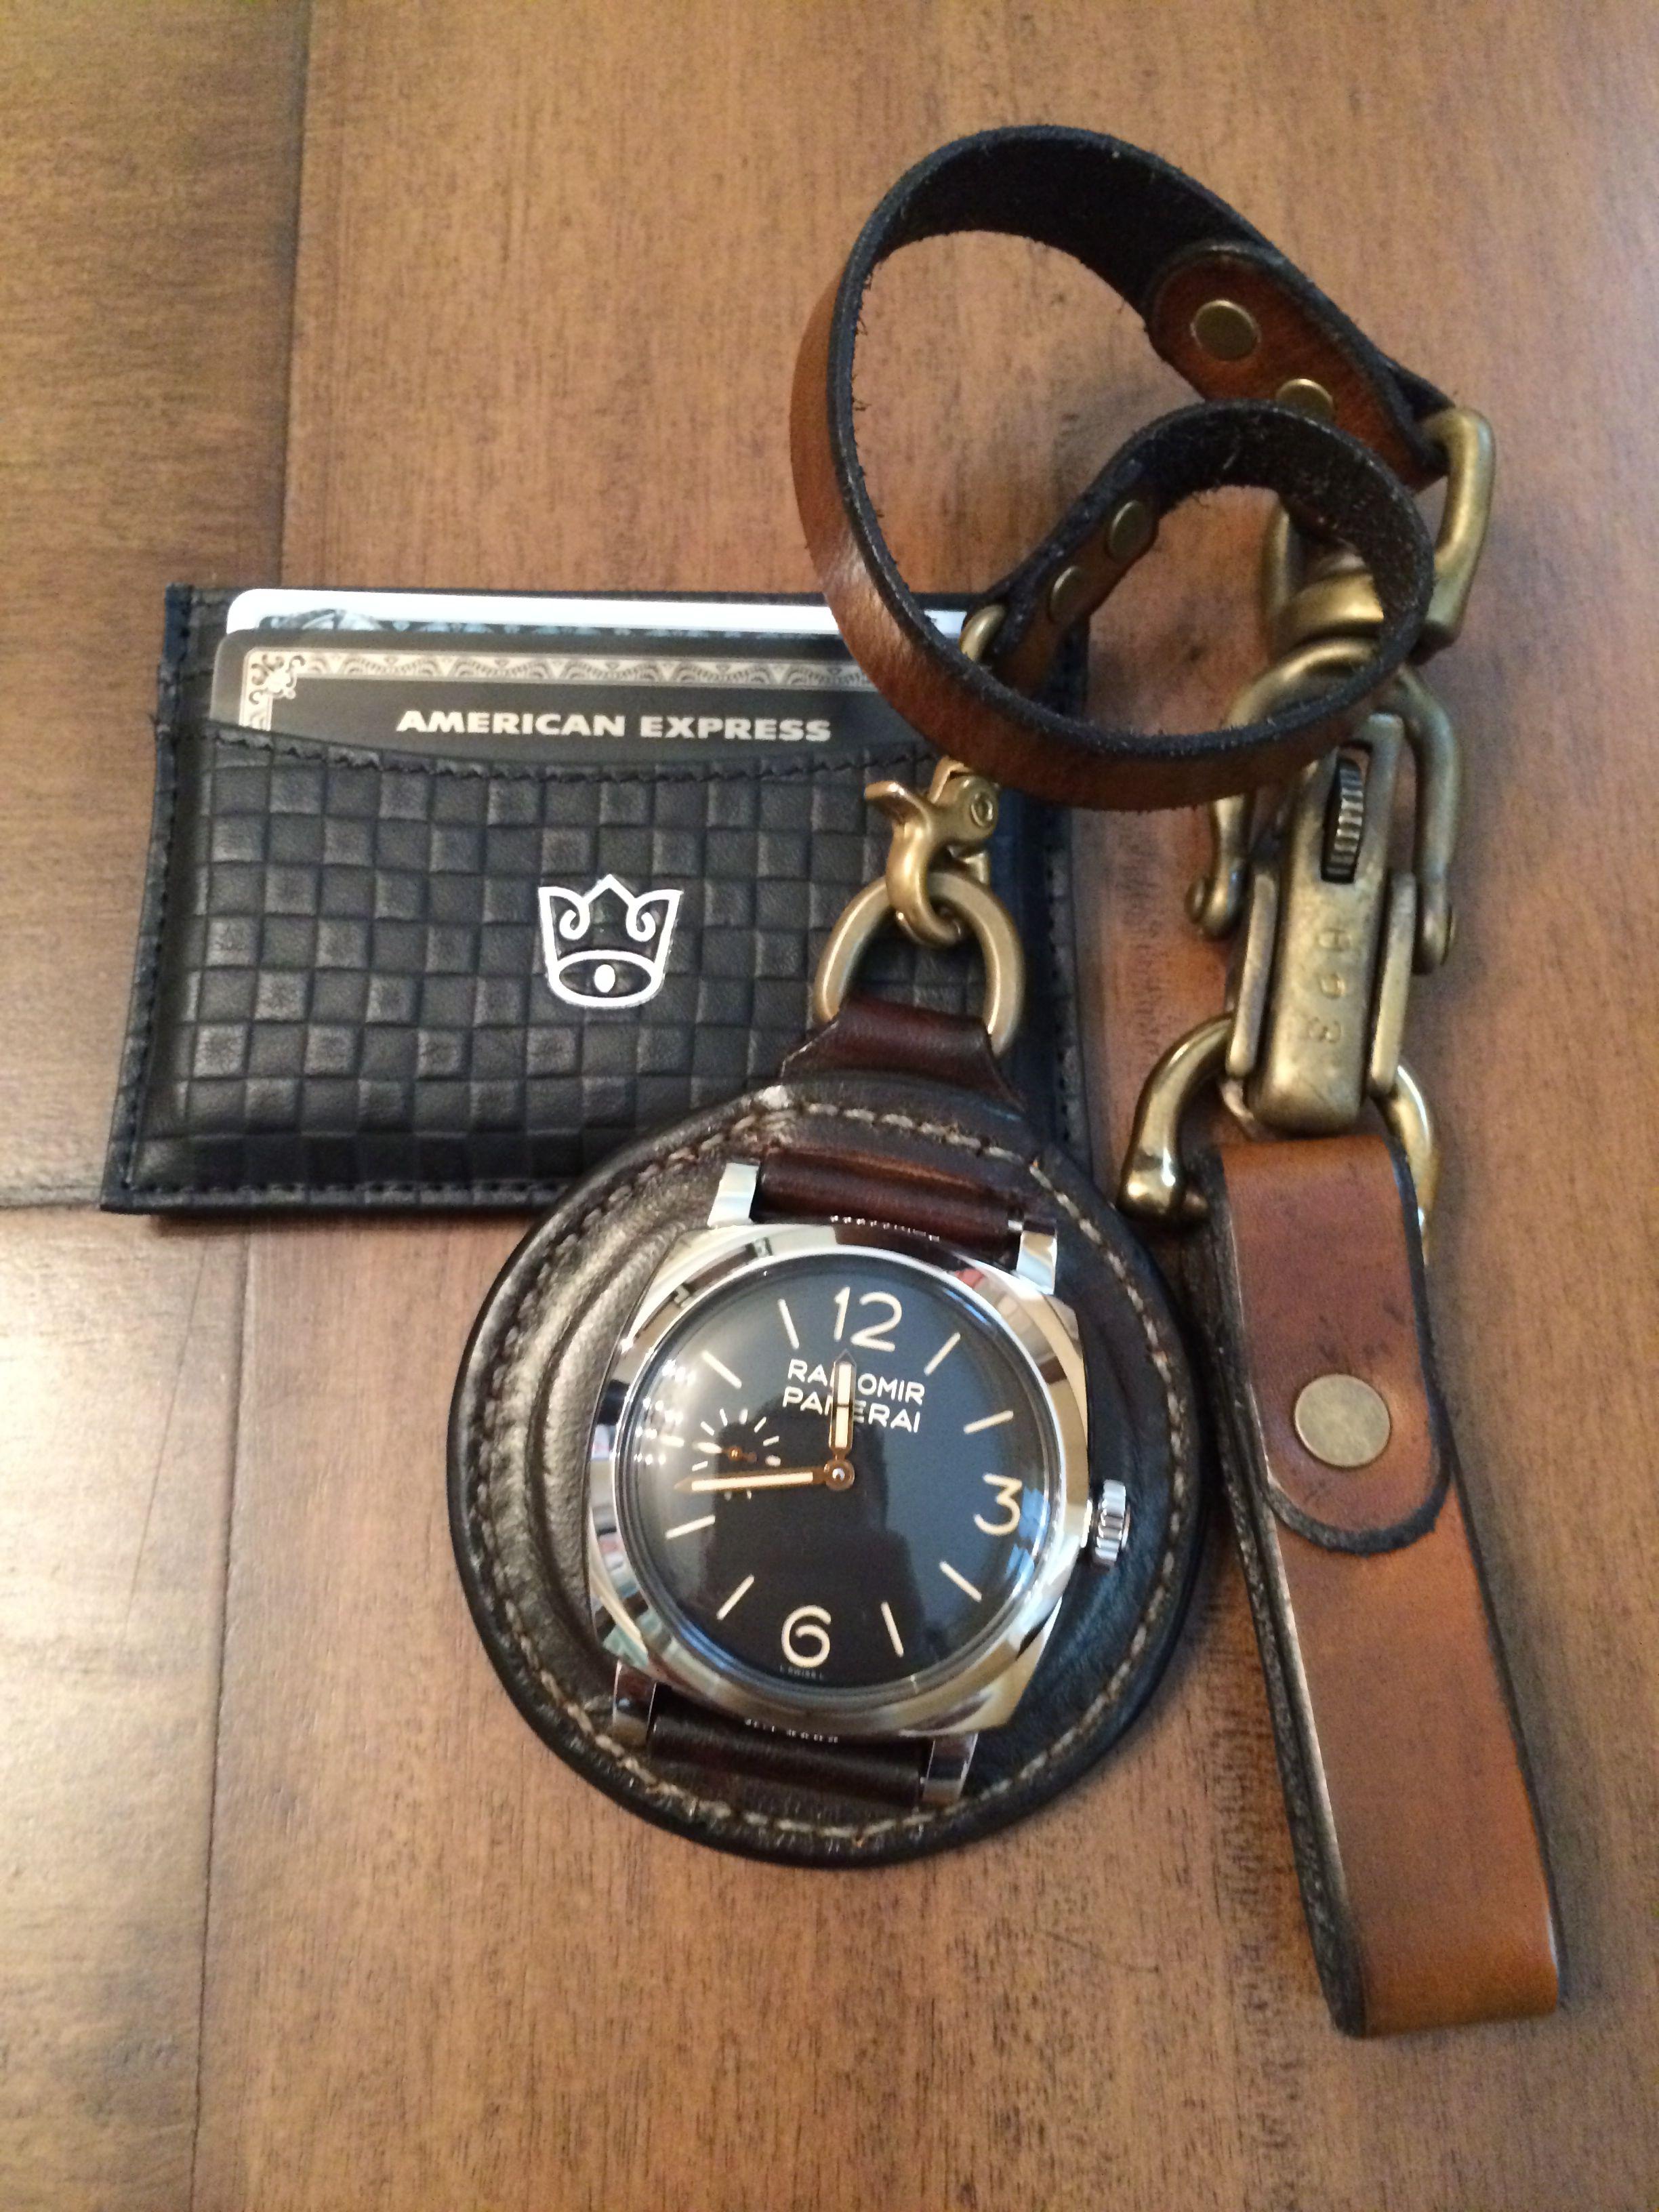 d65b51d15e1 Panerai pocket watch concept by Rinascita Concepts!  panerai   rinascitaconcepts